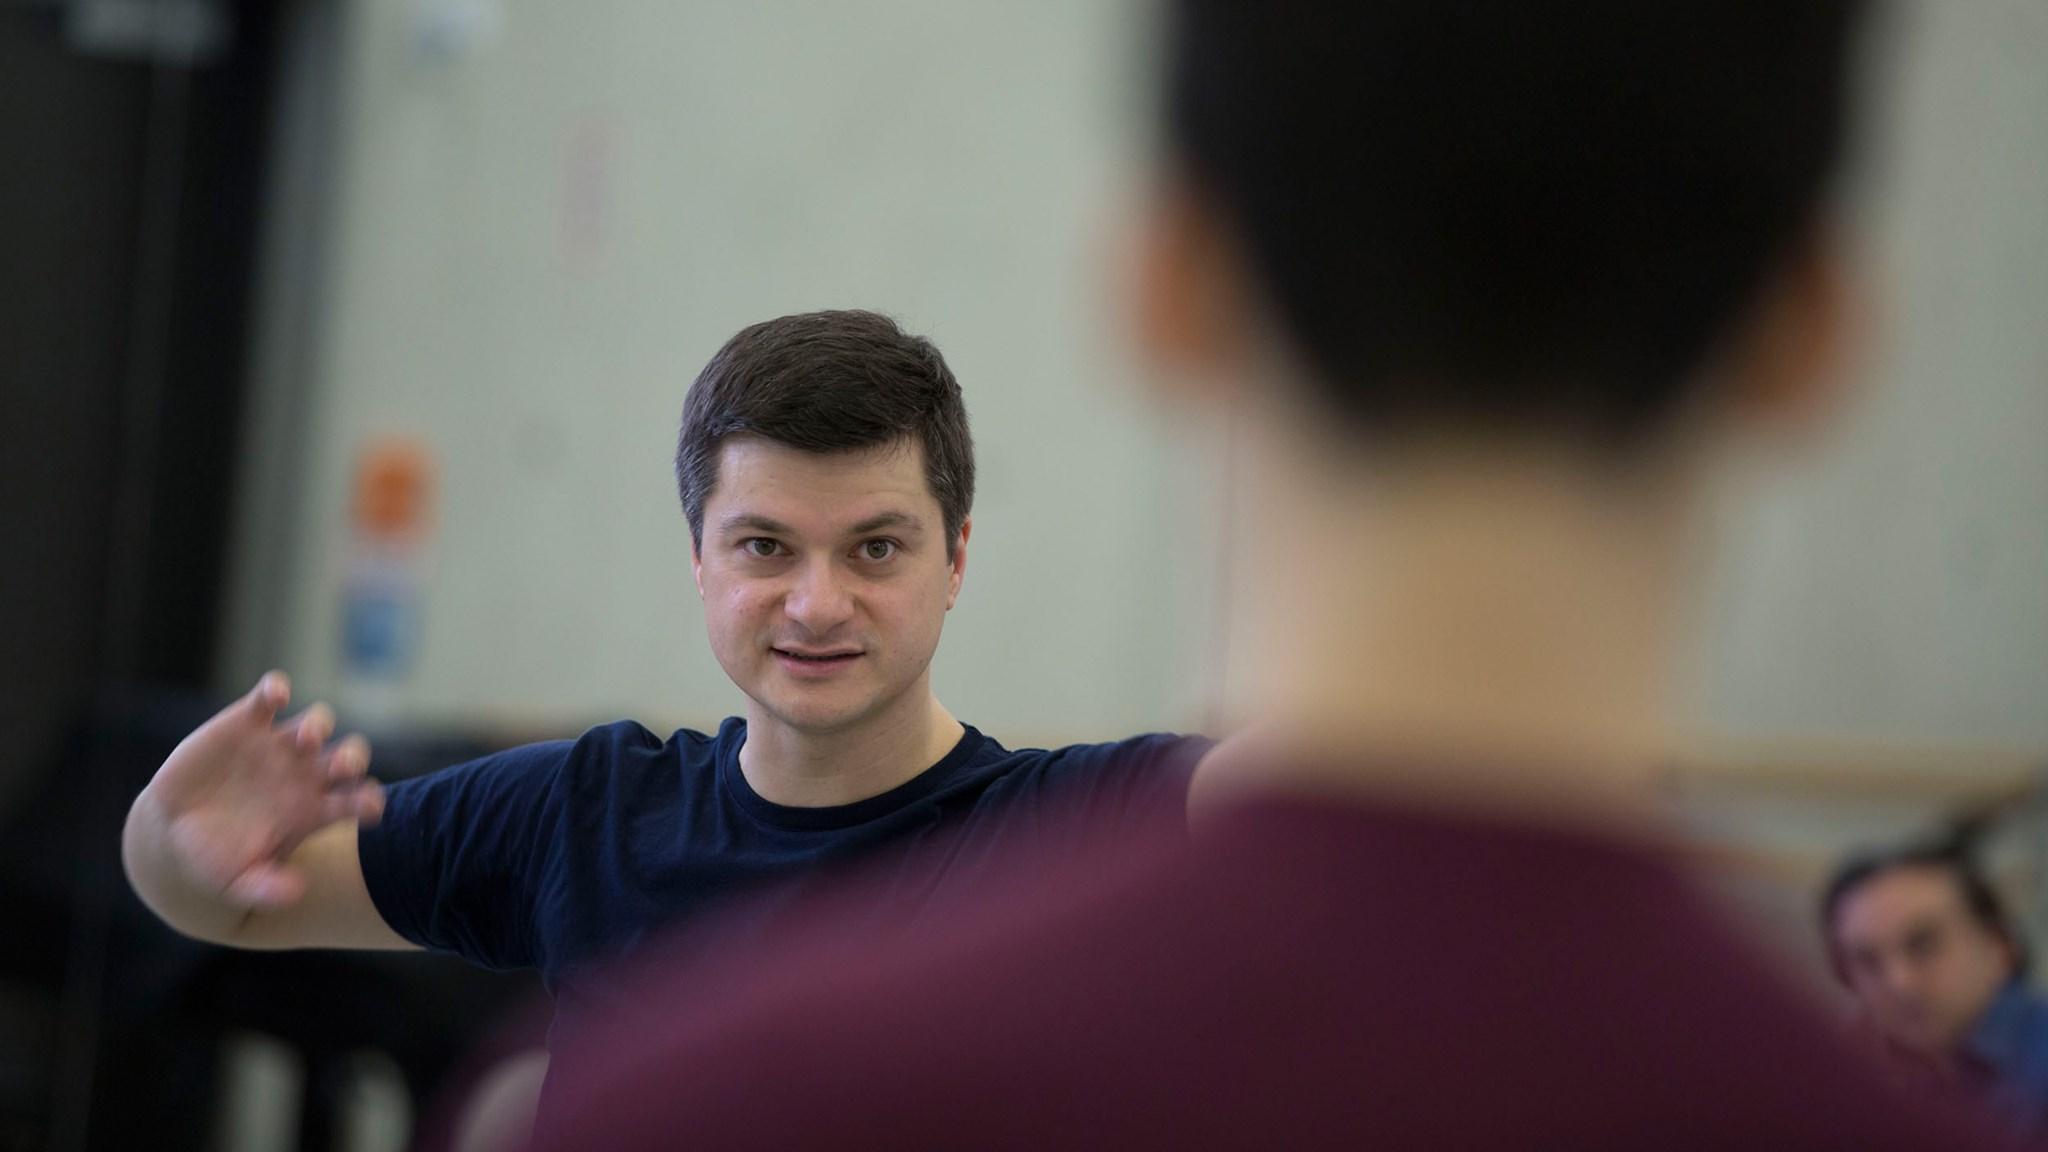 Ballett am RheinLive-Ballett-Class mit Remus Şucheană und Martin Schläpfer